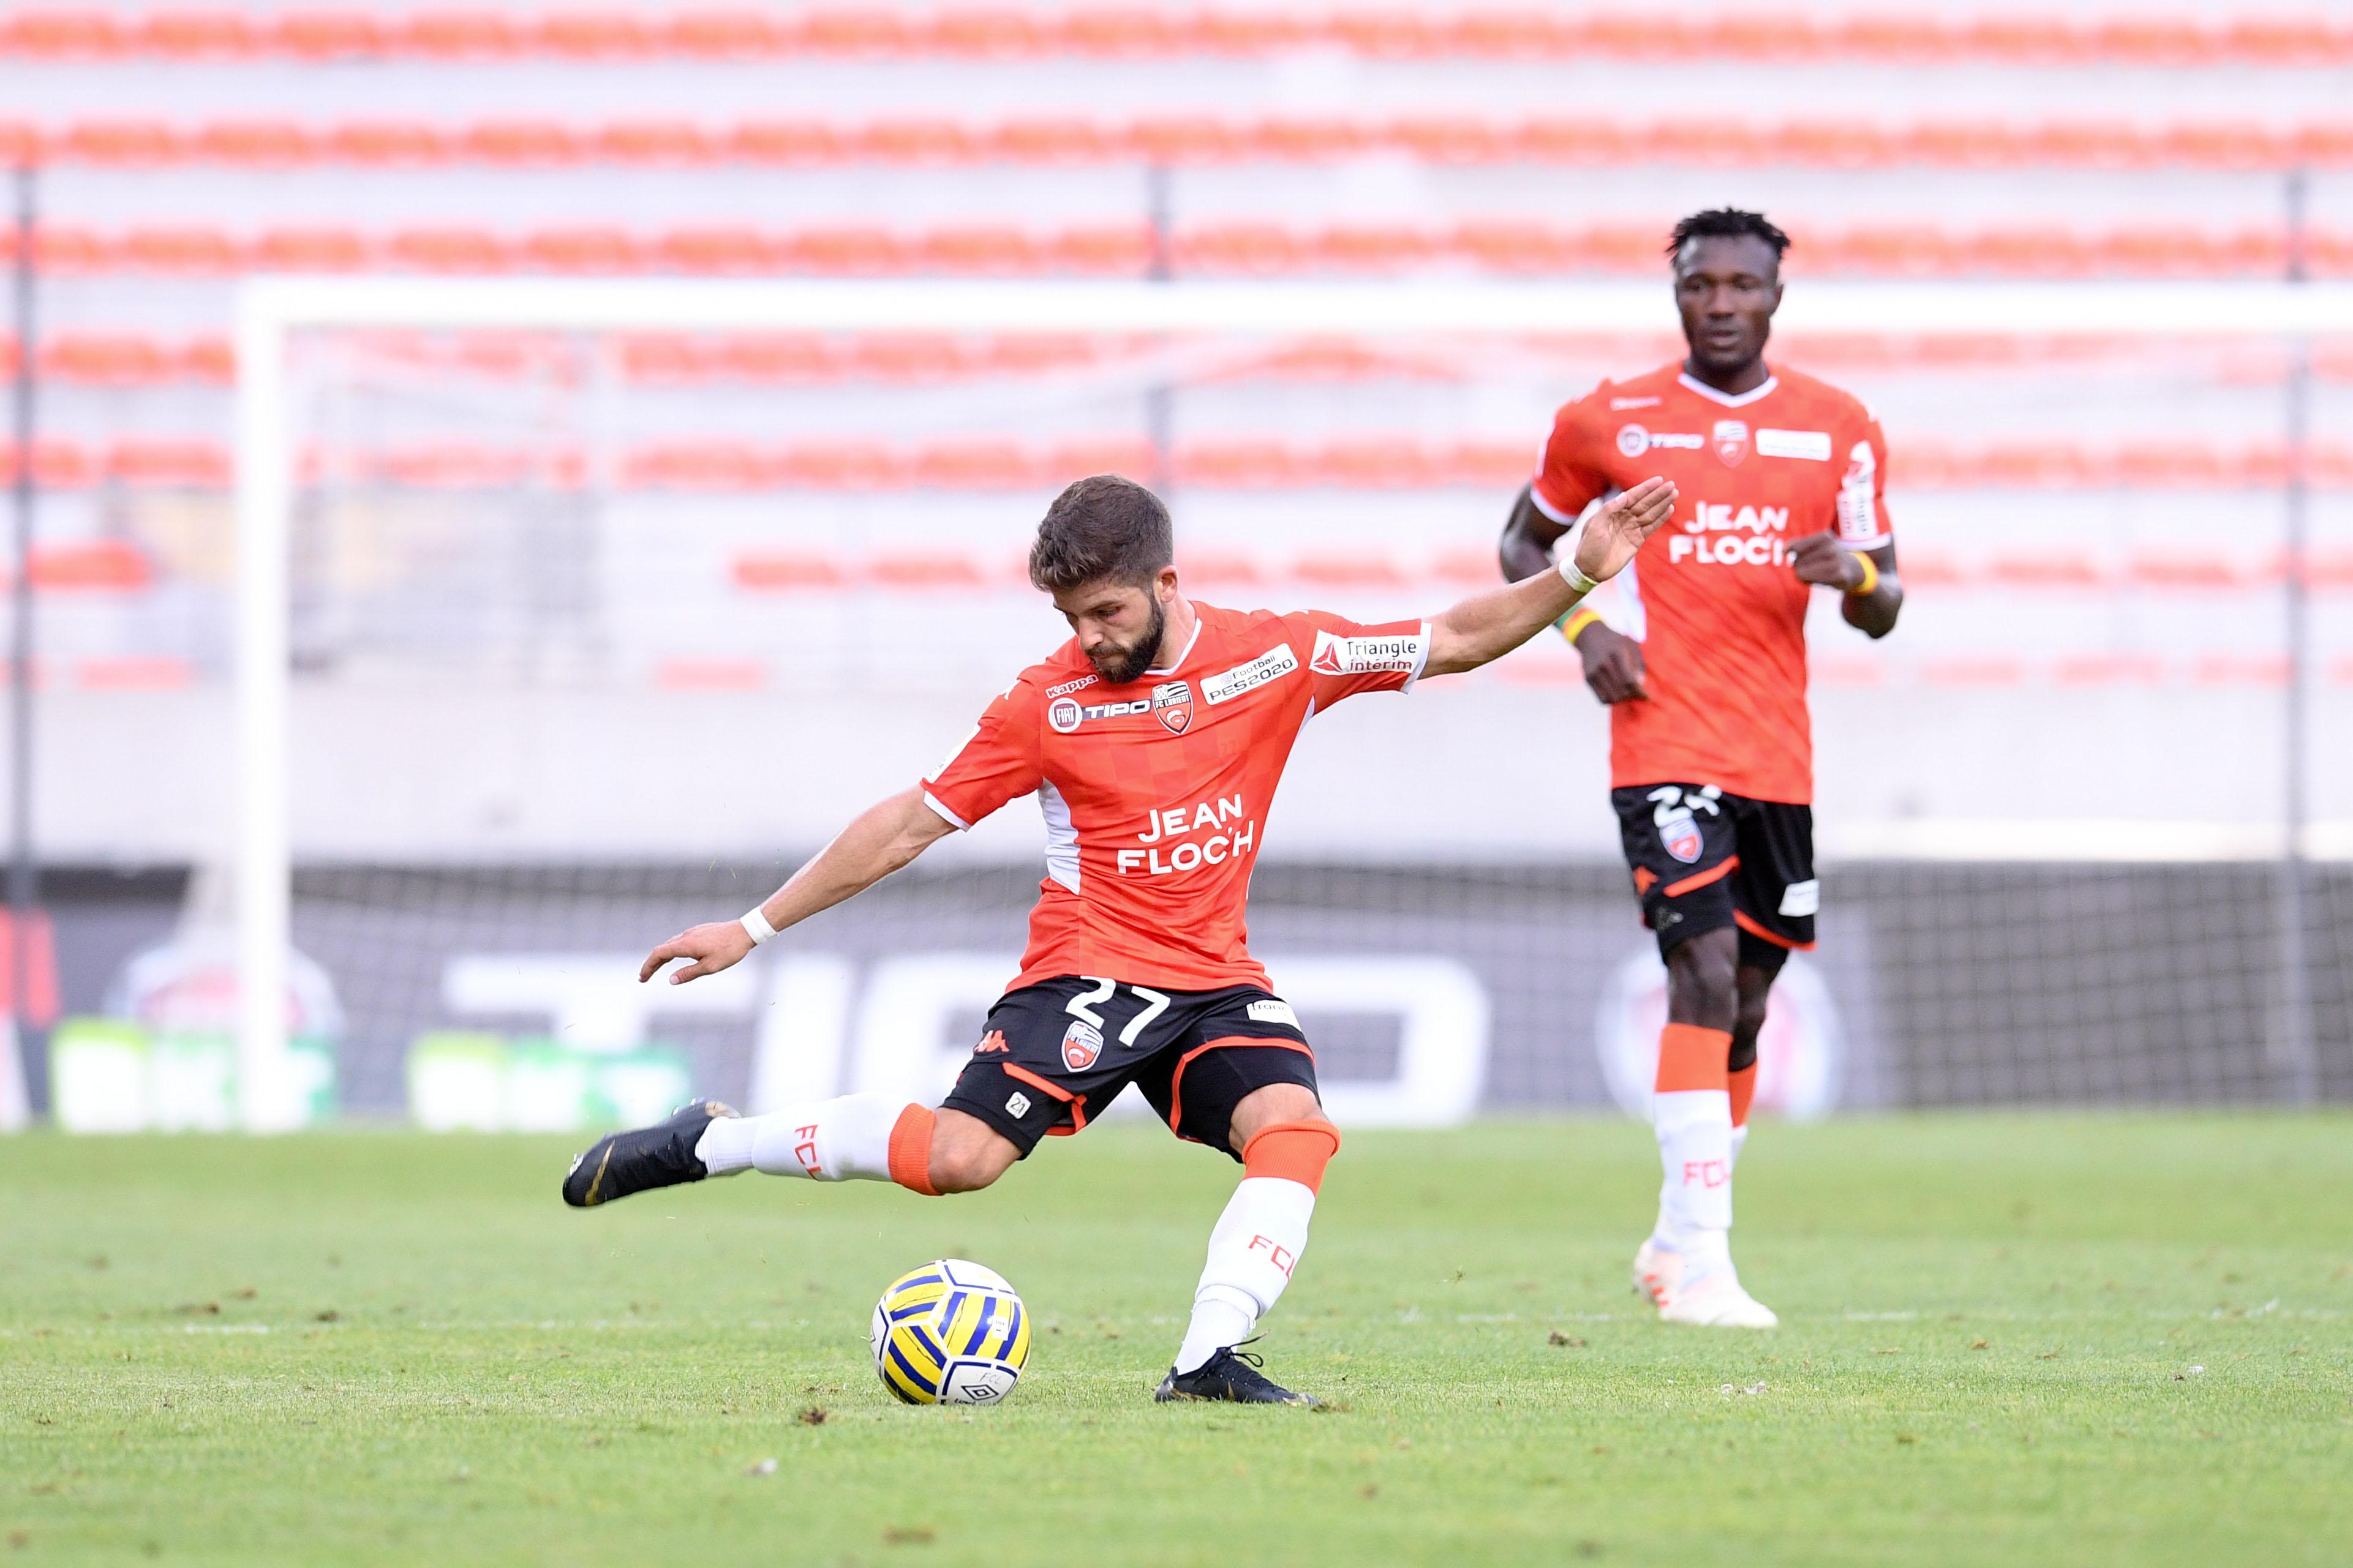 Football - Ligue 2 - Ligue 2: les scores en direct de la 9e journée